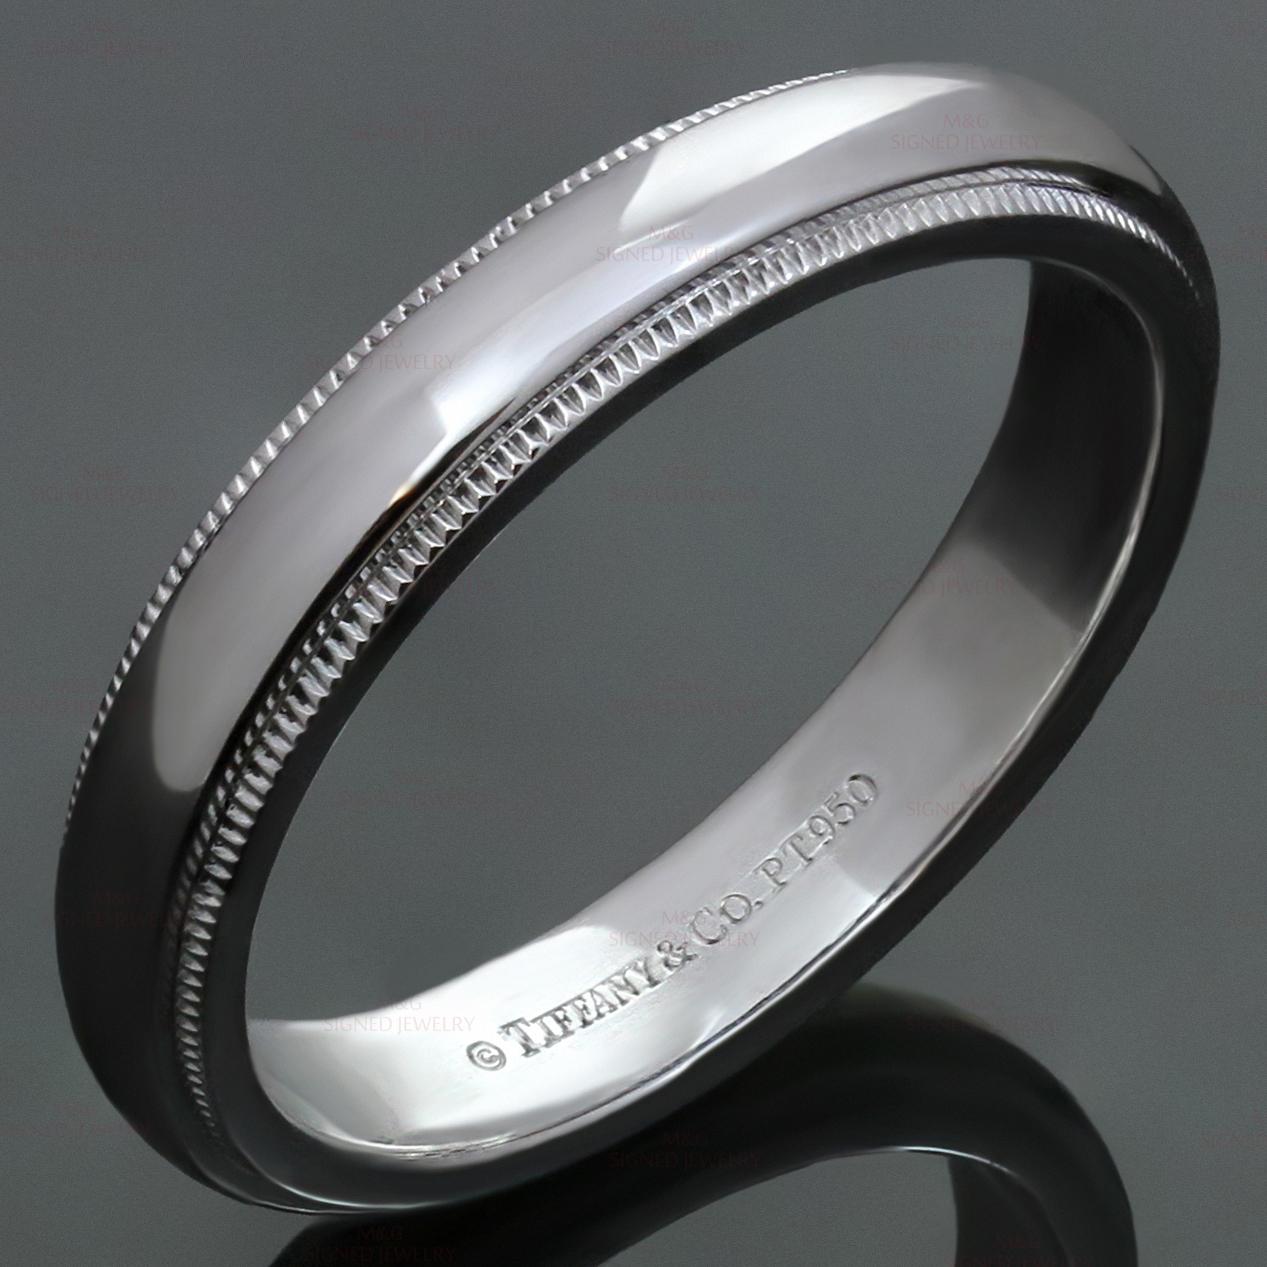 Tiffany Platinum Milgrain Mens Wedding Band Ring Mtsj12281